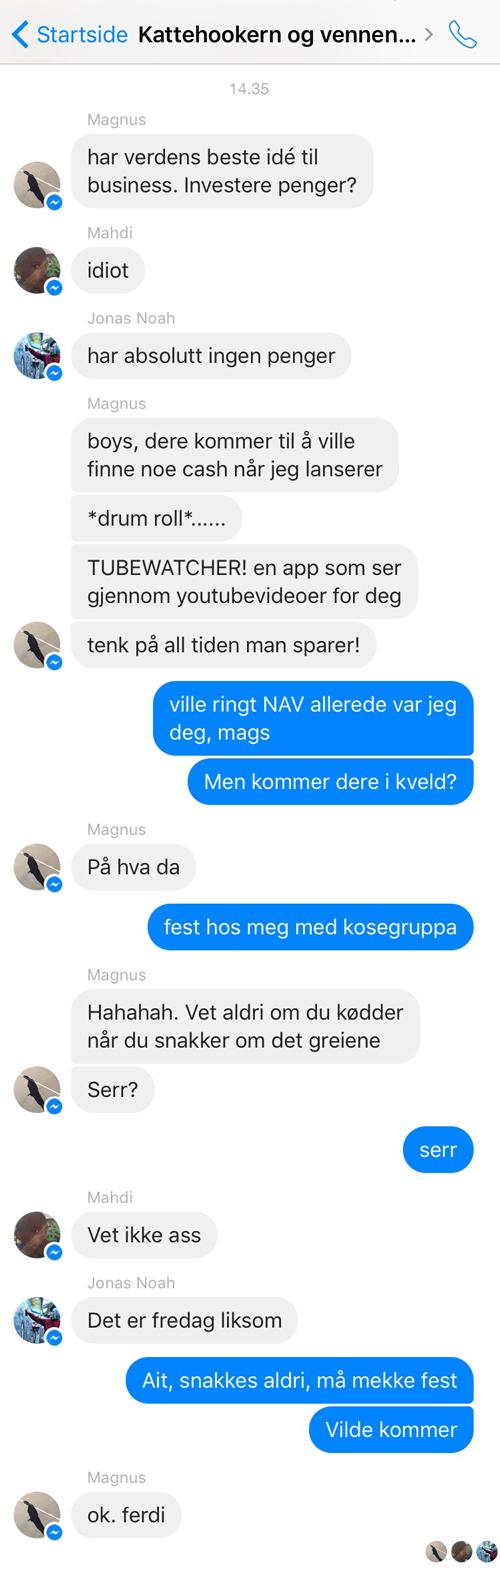 chat_kattehookerne